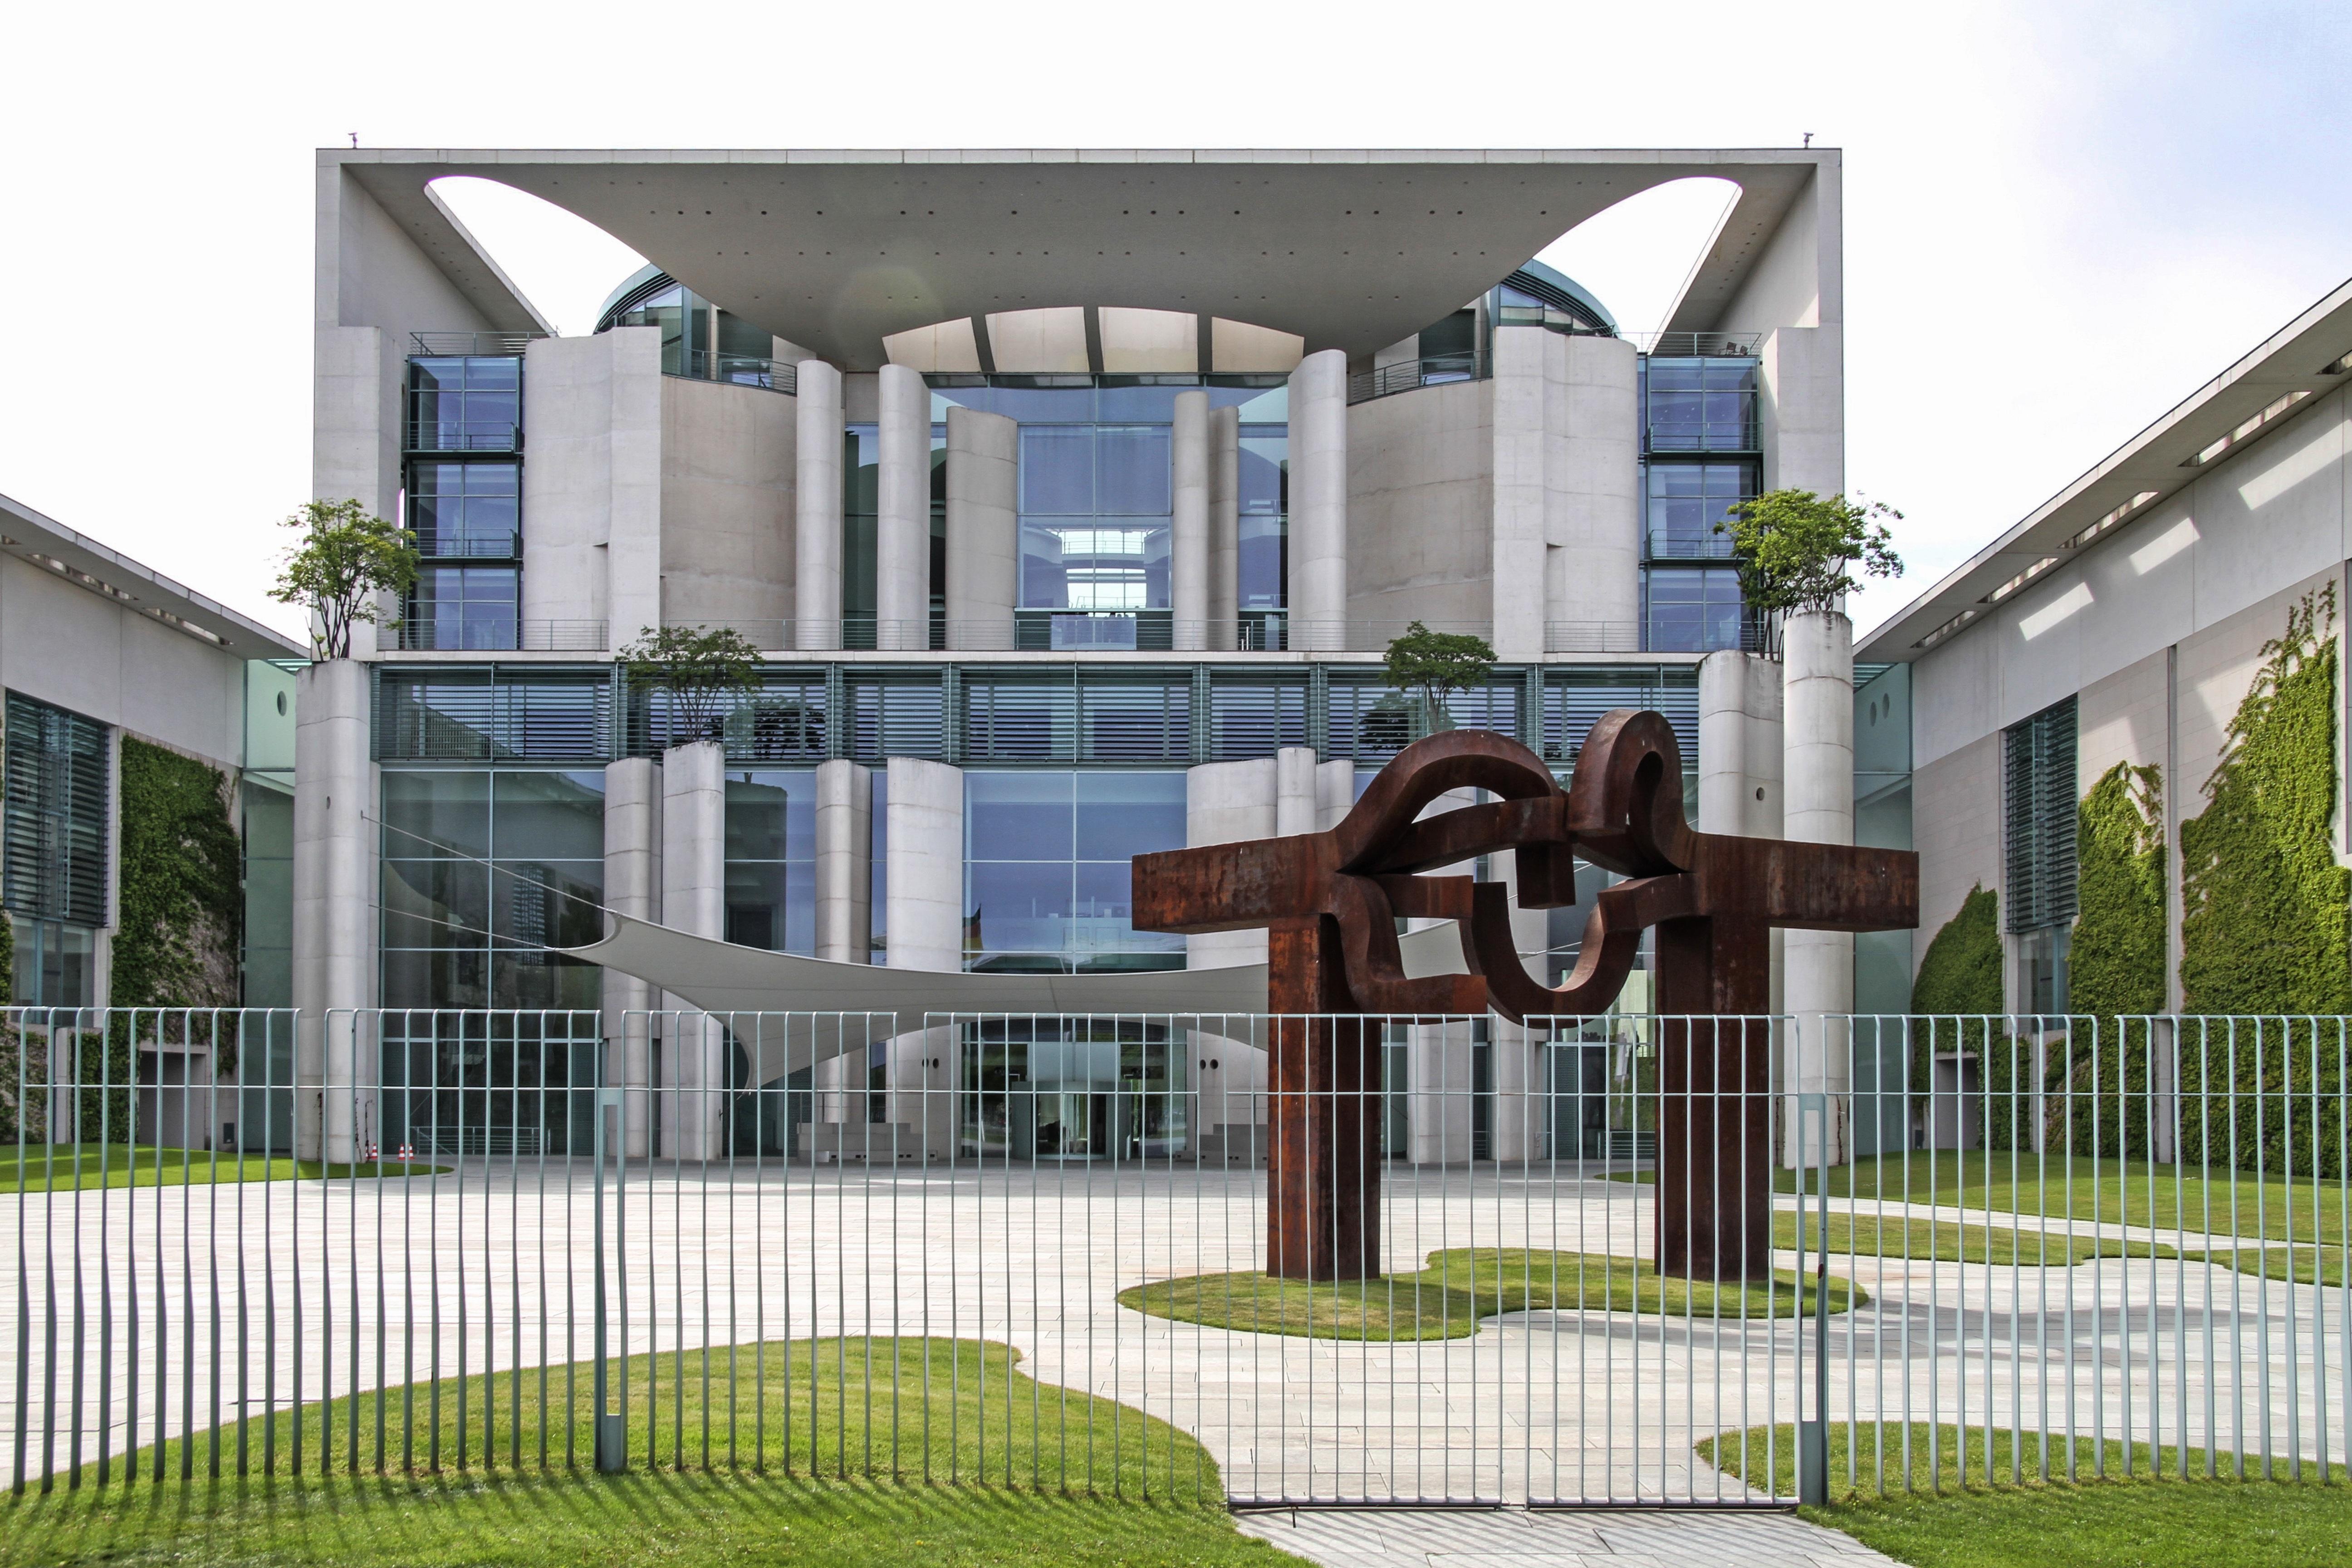 Kostenlose Foto Zaun Die Architektur Villa Zuhause Fassade